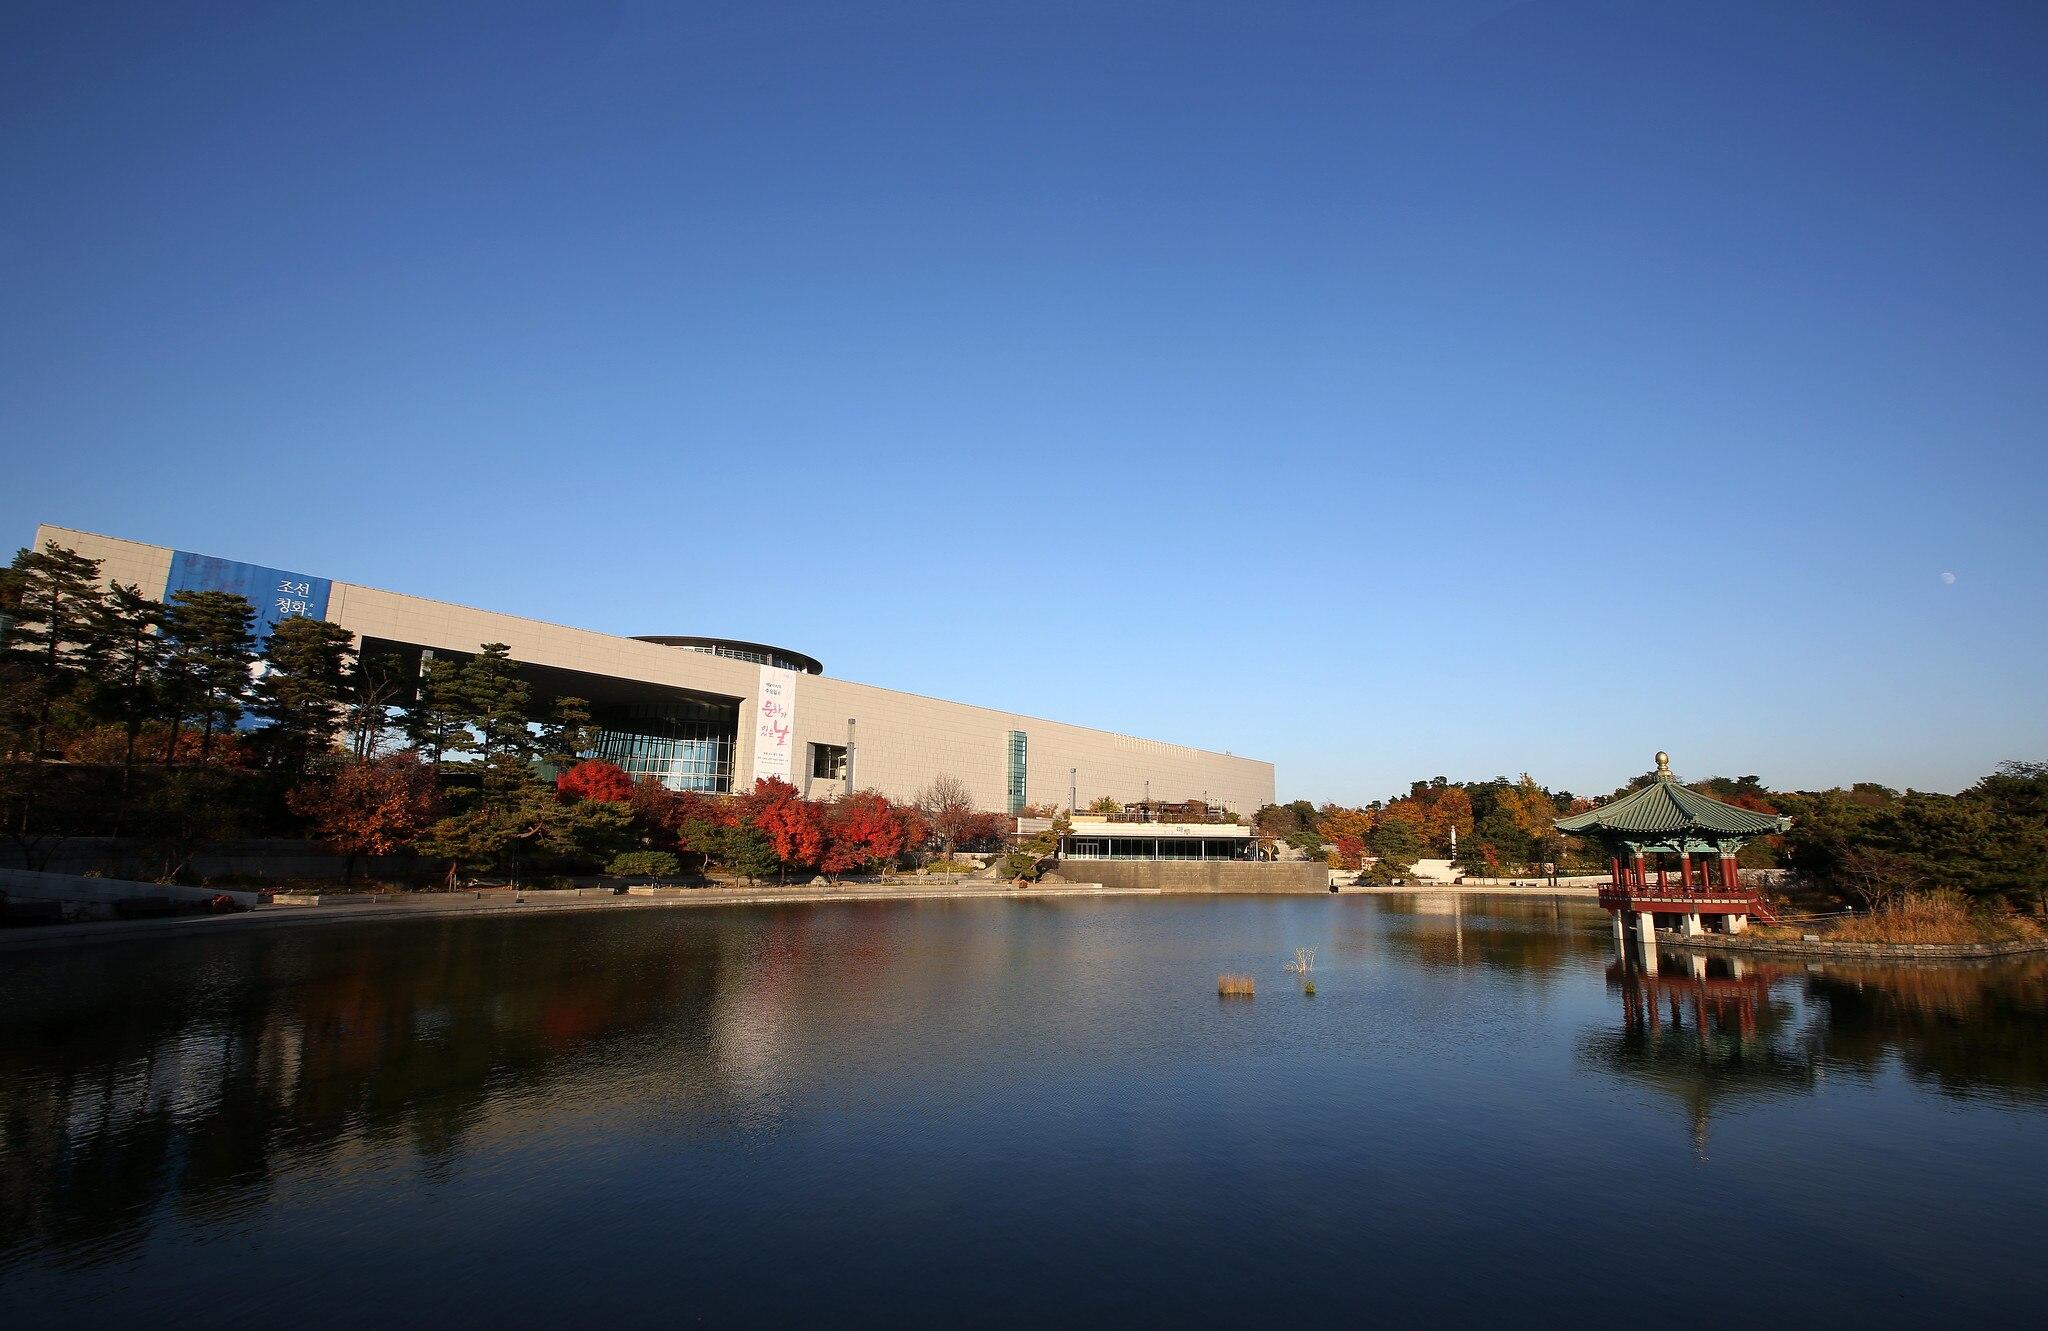 韓国・ソウルの国立中央博物館でアジア文化の知見を深めよう!